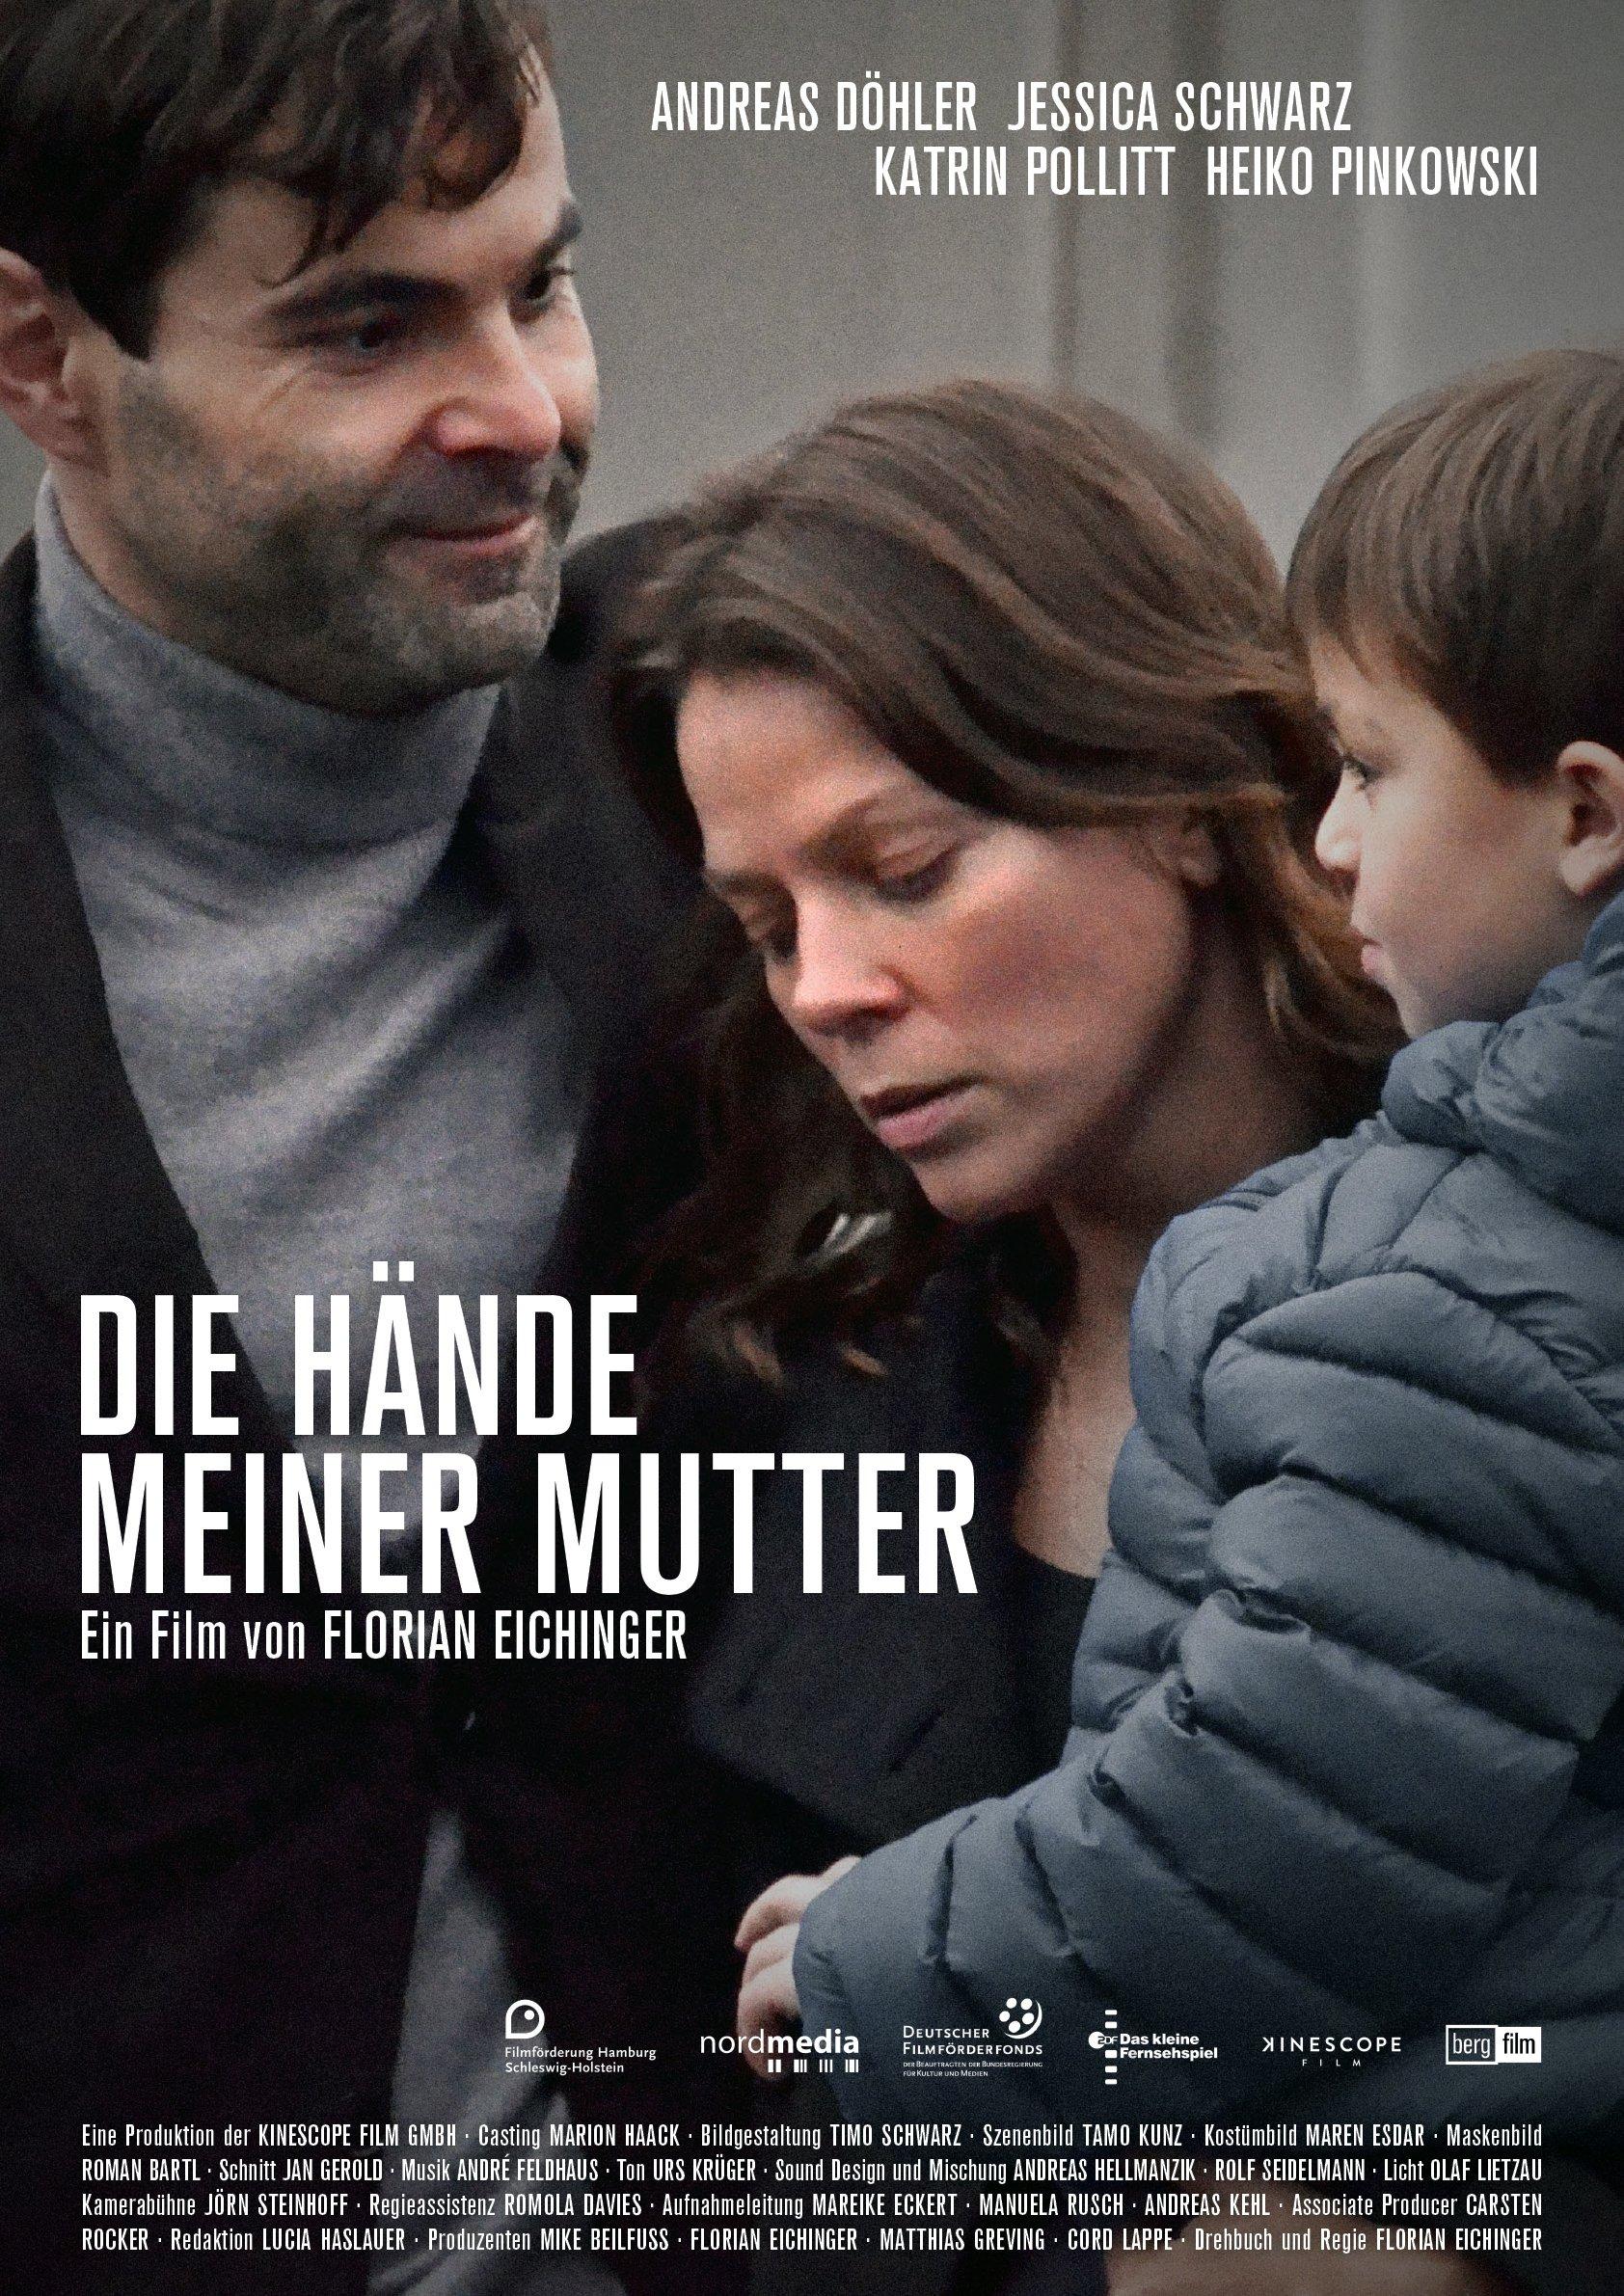 Jessica Schwarz and Andreas Döhler in Die Hände meiner Mutter (2016)